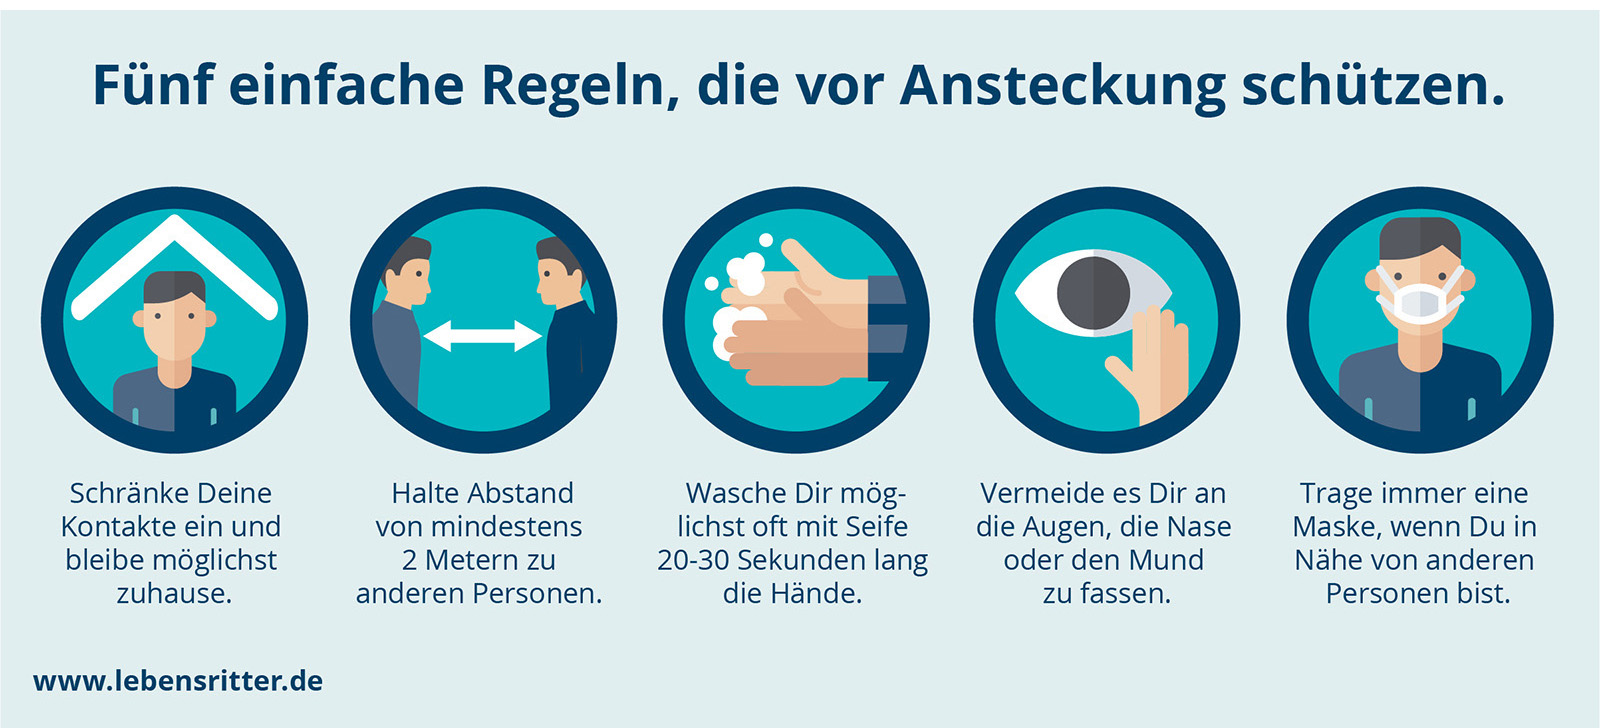 Werbung Lebensritter Netzwerk Organspende NRW Die Werbtätigen Aktion #NurMitMaske Grafik Corona 5 Regeln die vor Ansteckung schützen